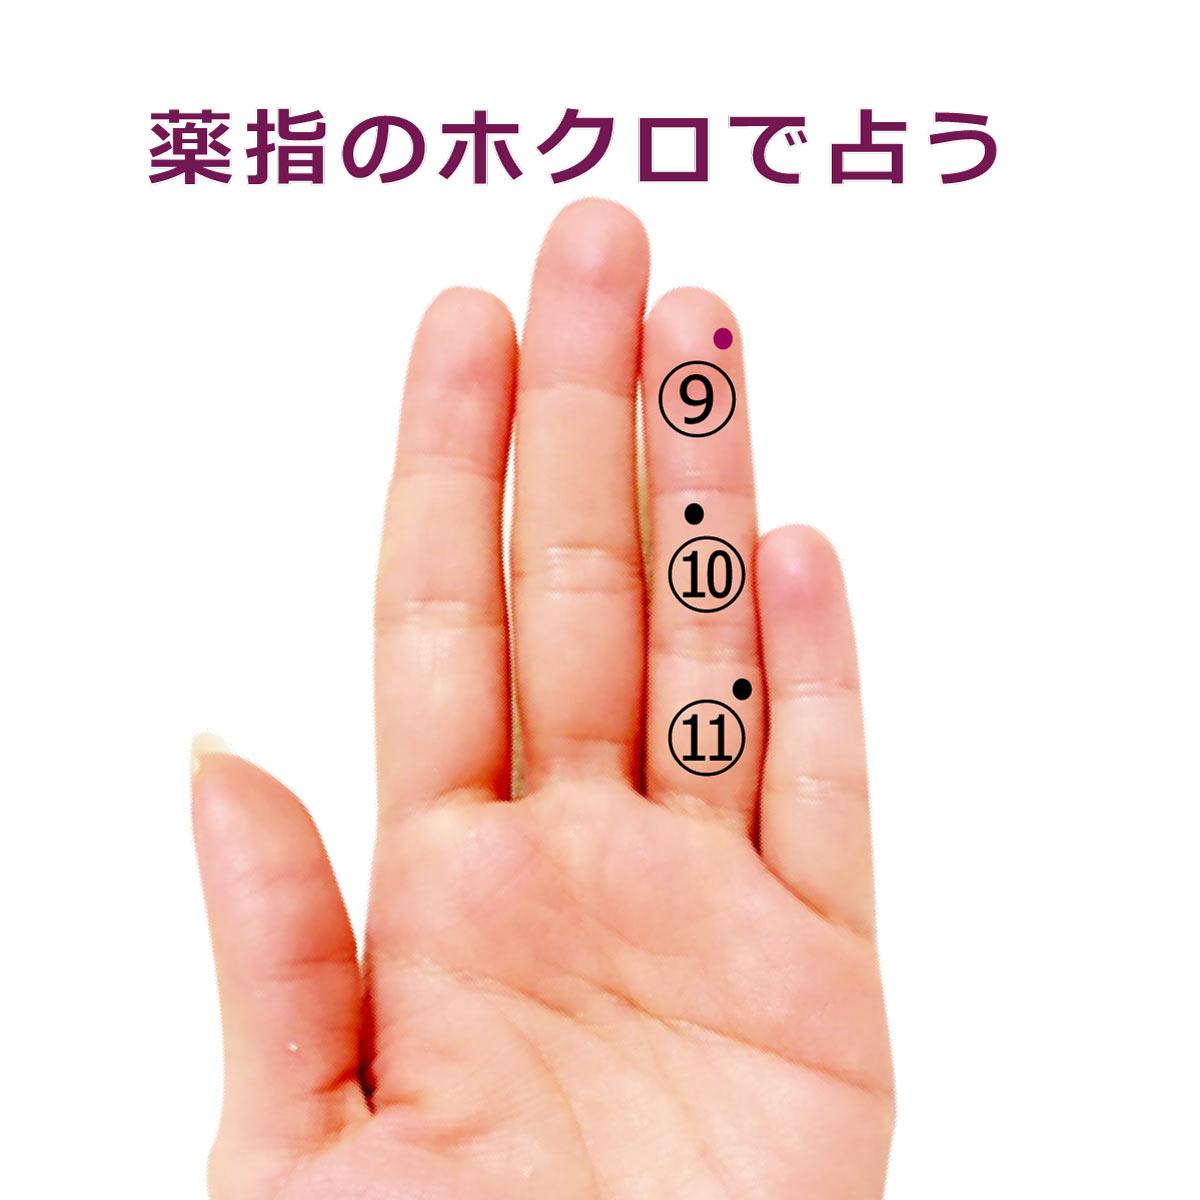 薬指にホクロがある手相